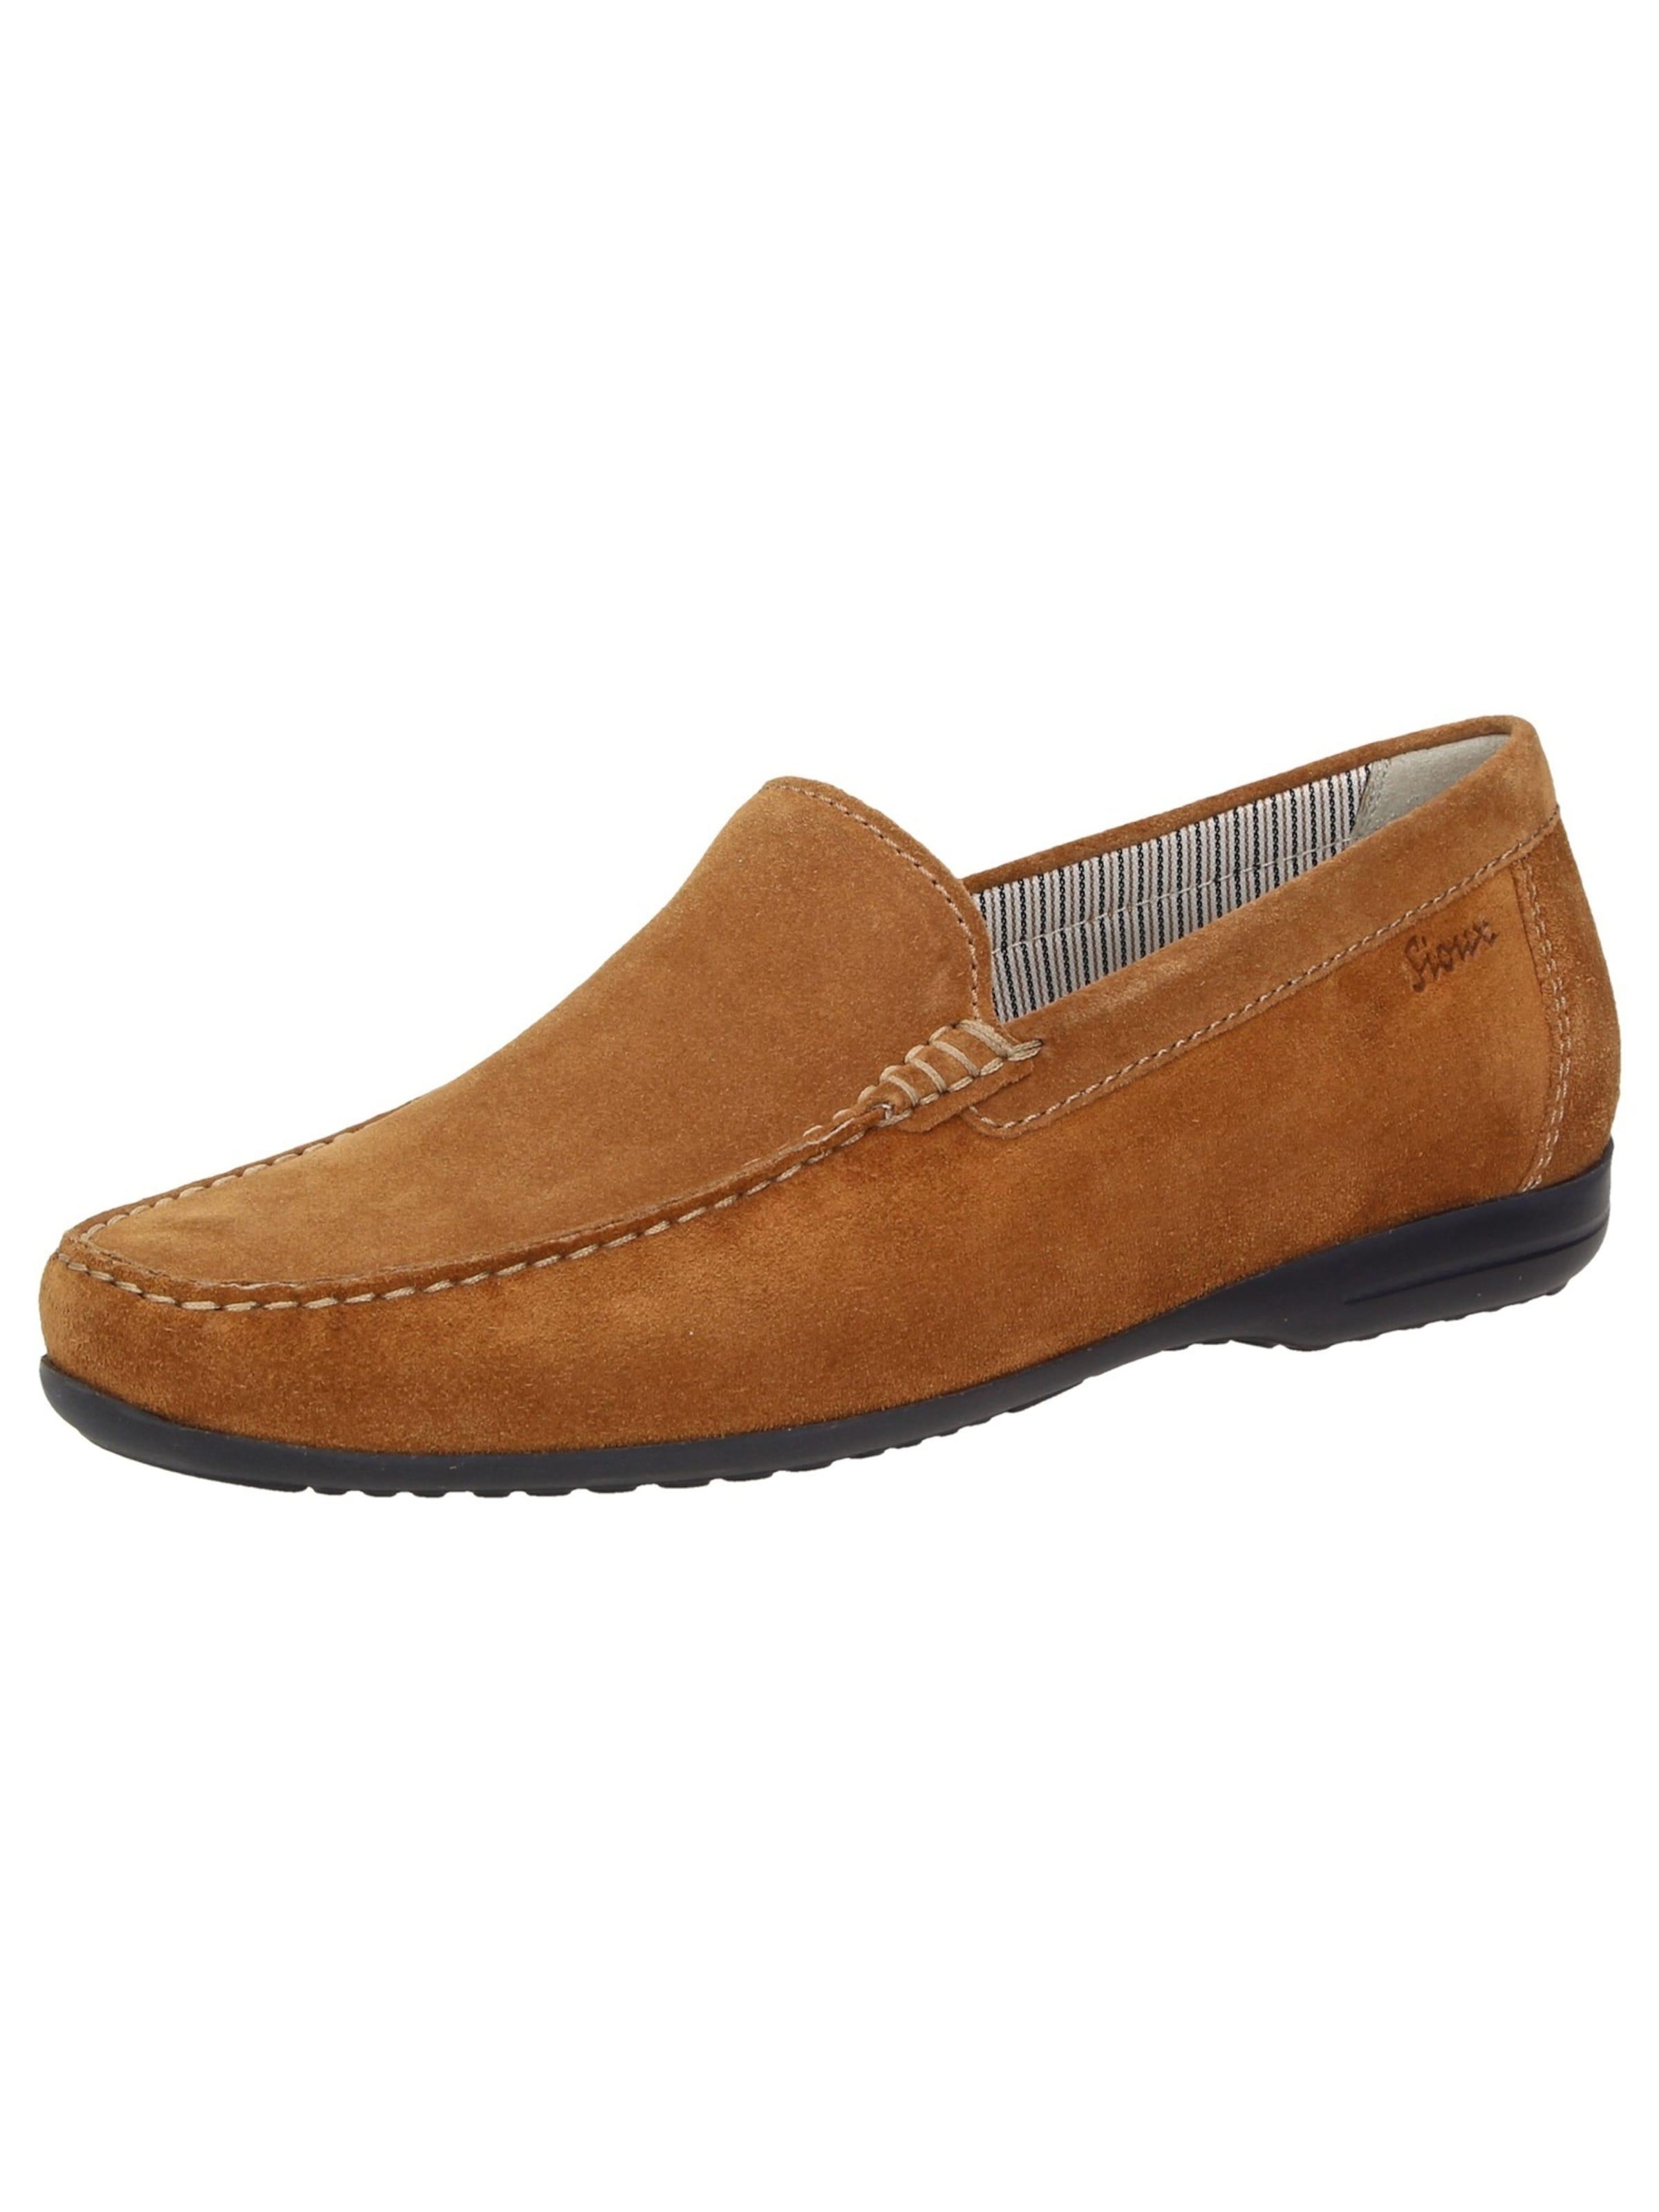 SIOUX Slipper Gianni-FS Verschleißfeste billige Schuhe